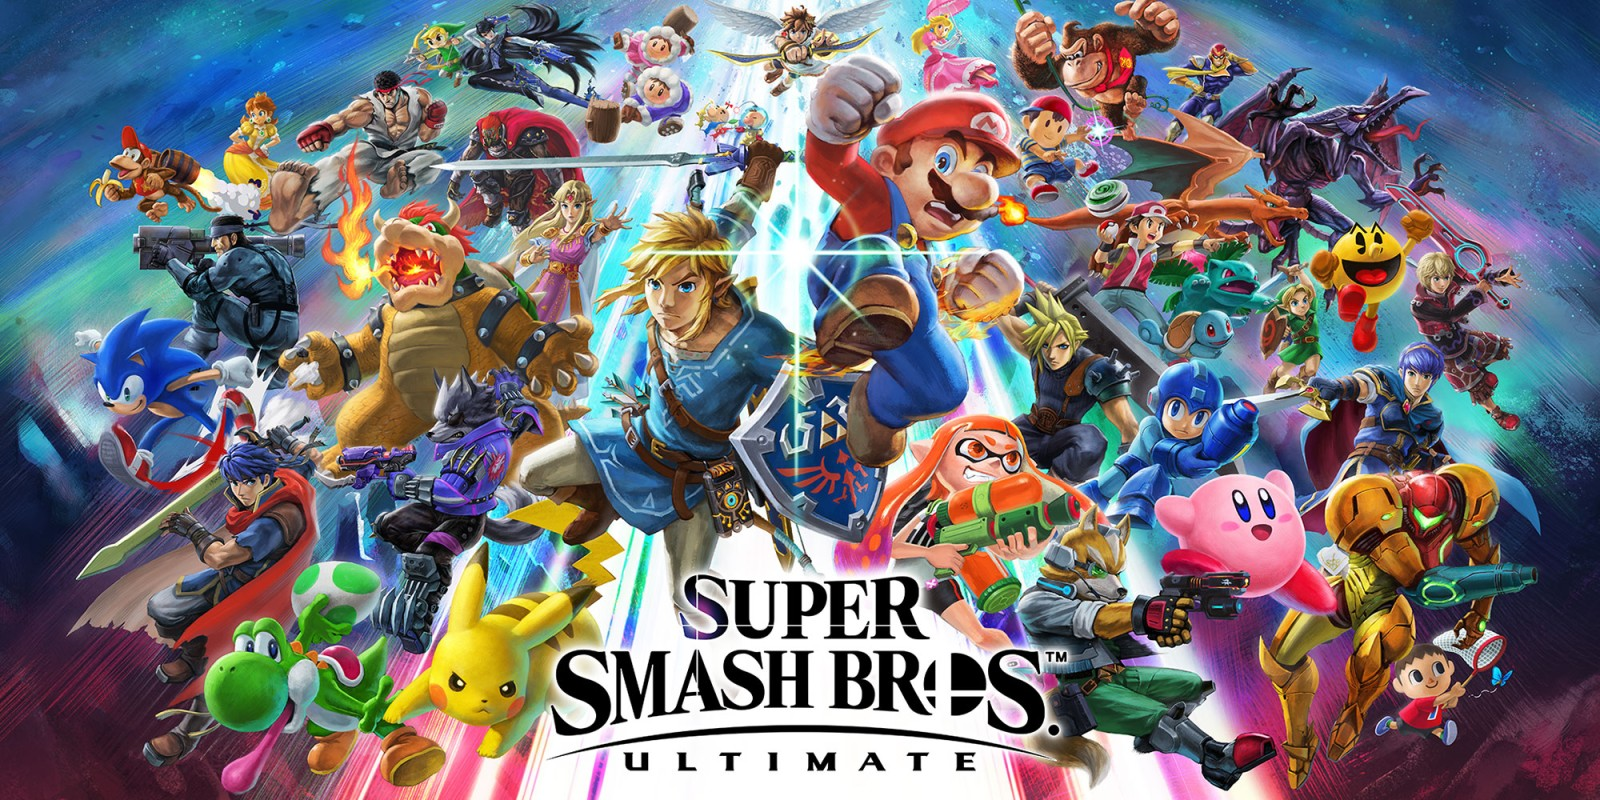 Arriva il supporto al VR con l'ultimo aggiornamento per Super Smash Bros.Ultimate